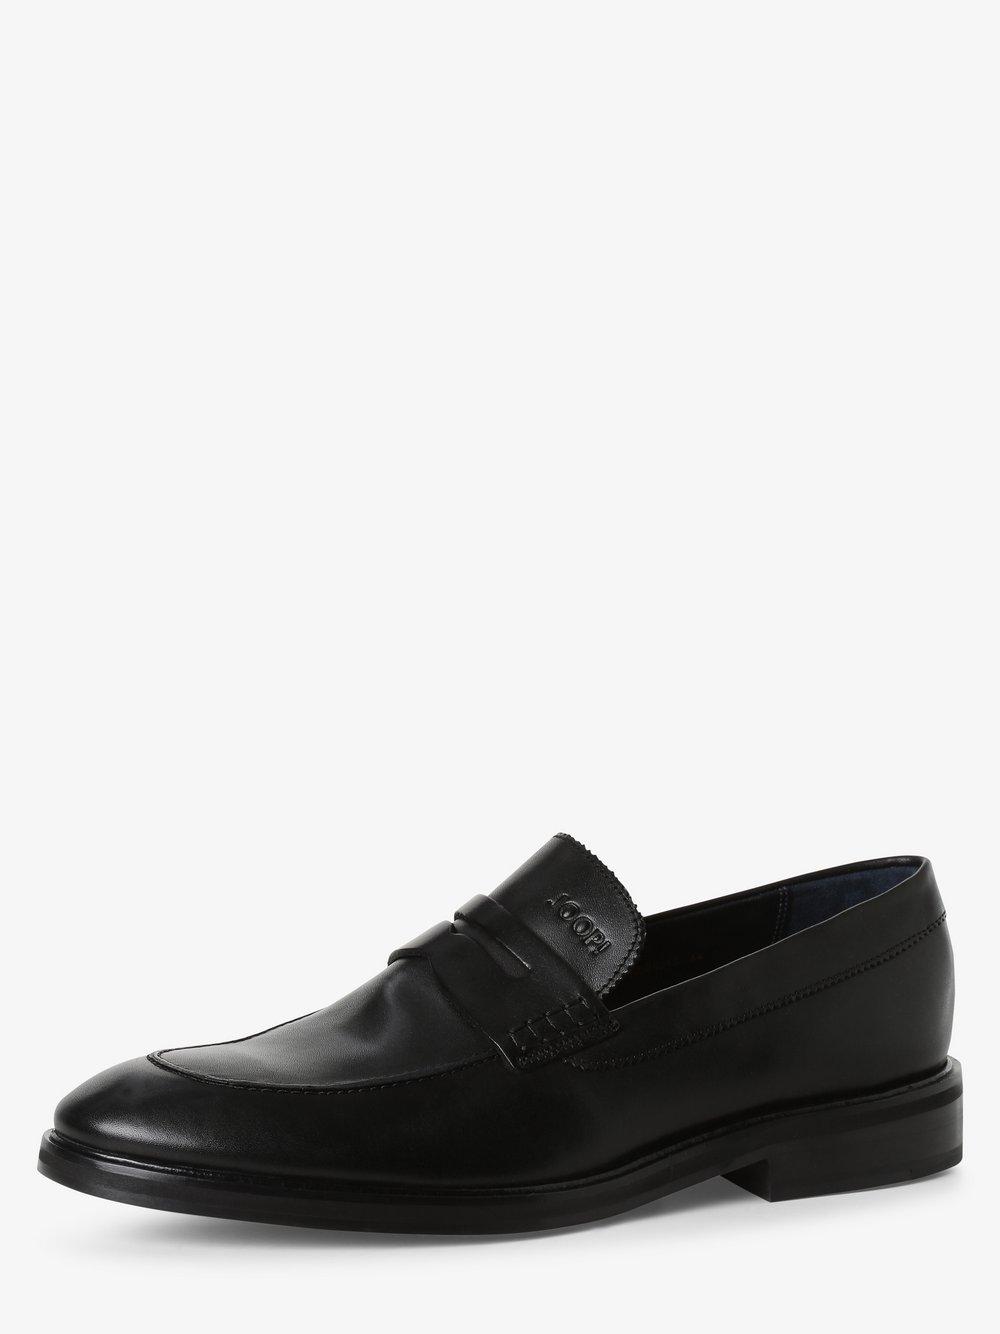 Joop - Skórzane loafersy męskie – Kleitos, czarny